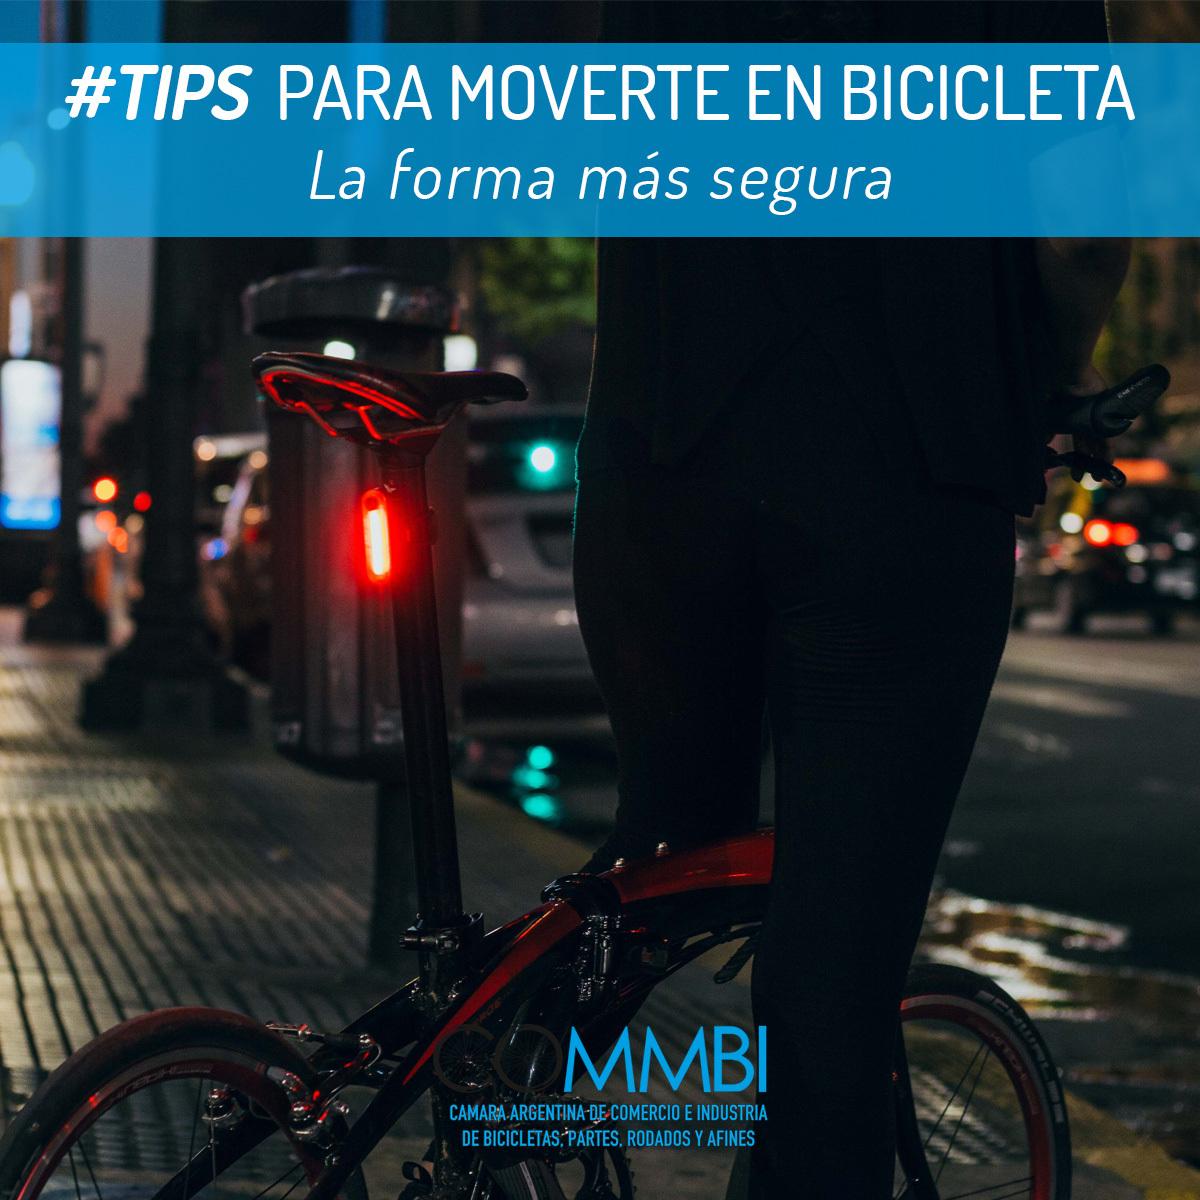 Tips para moverte en bicicleta: Luces